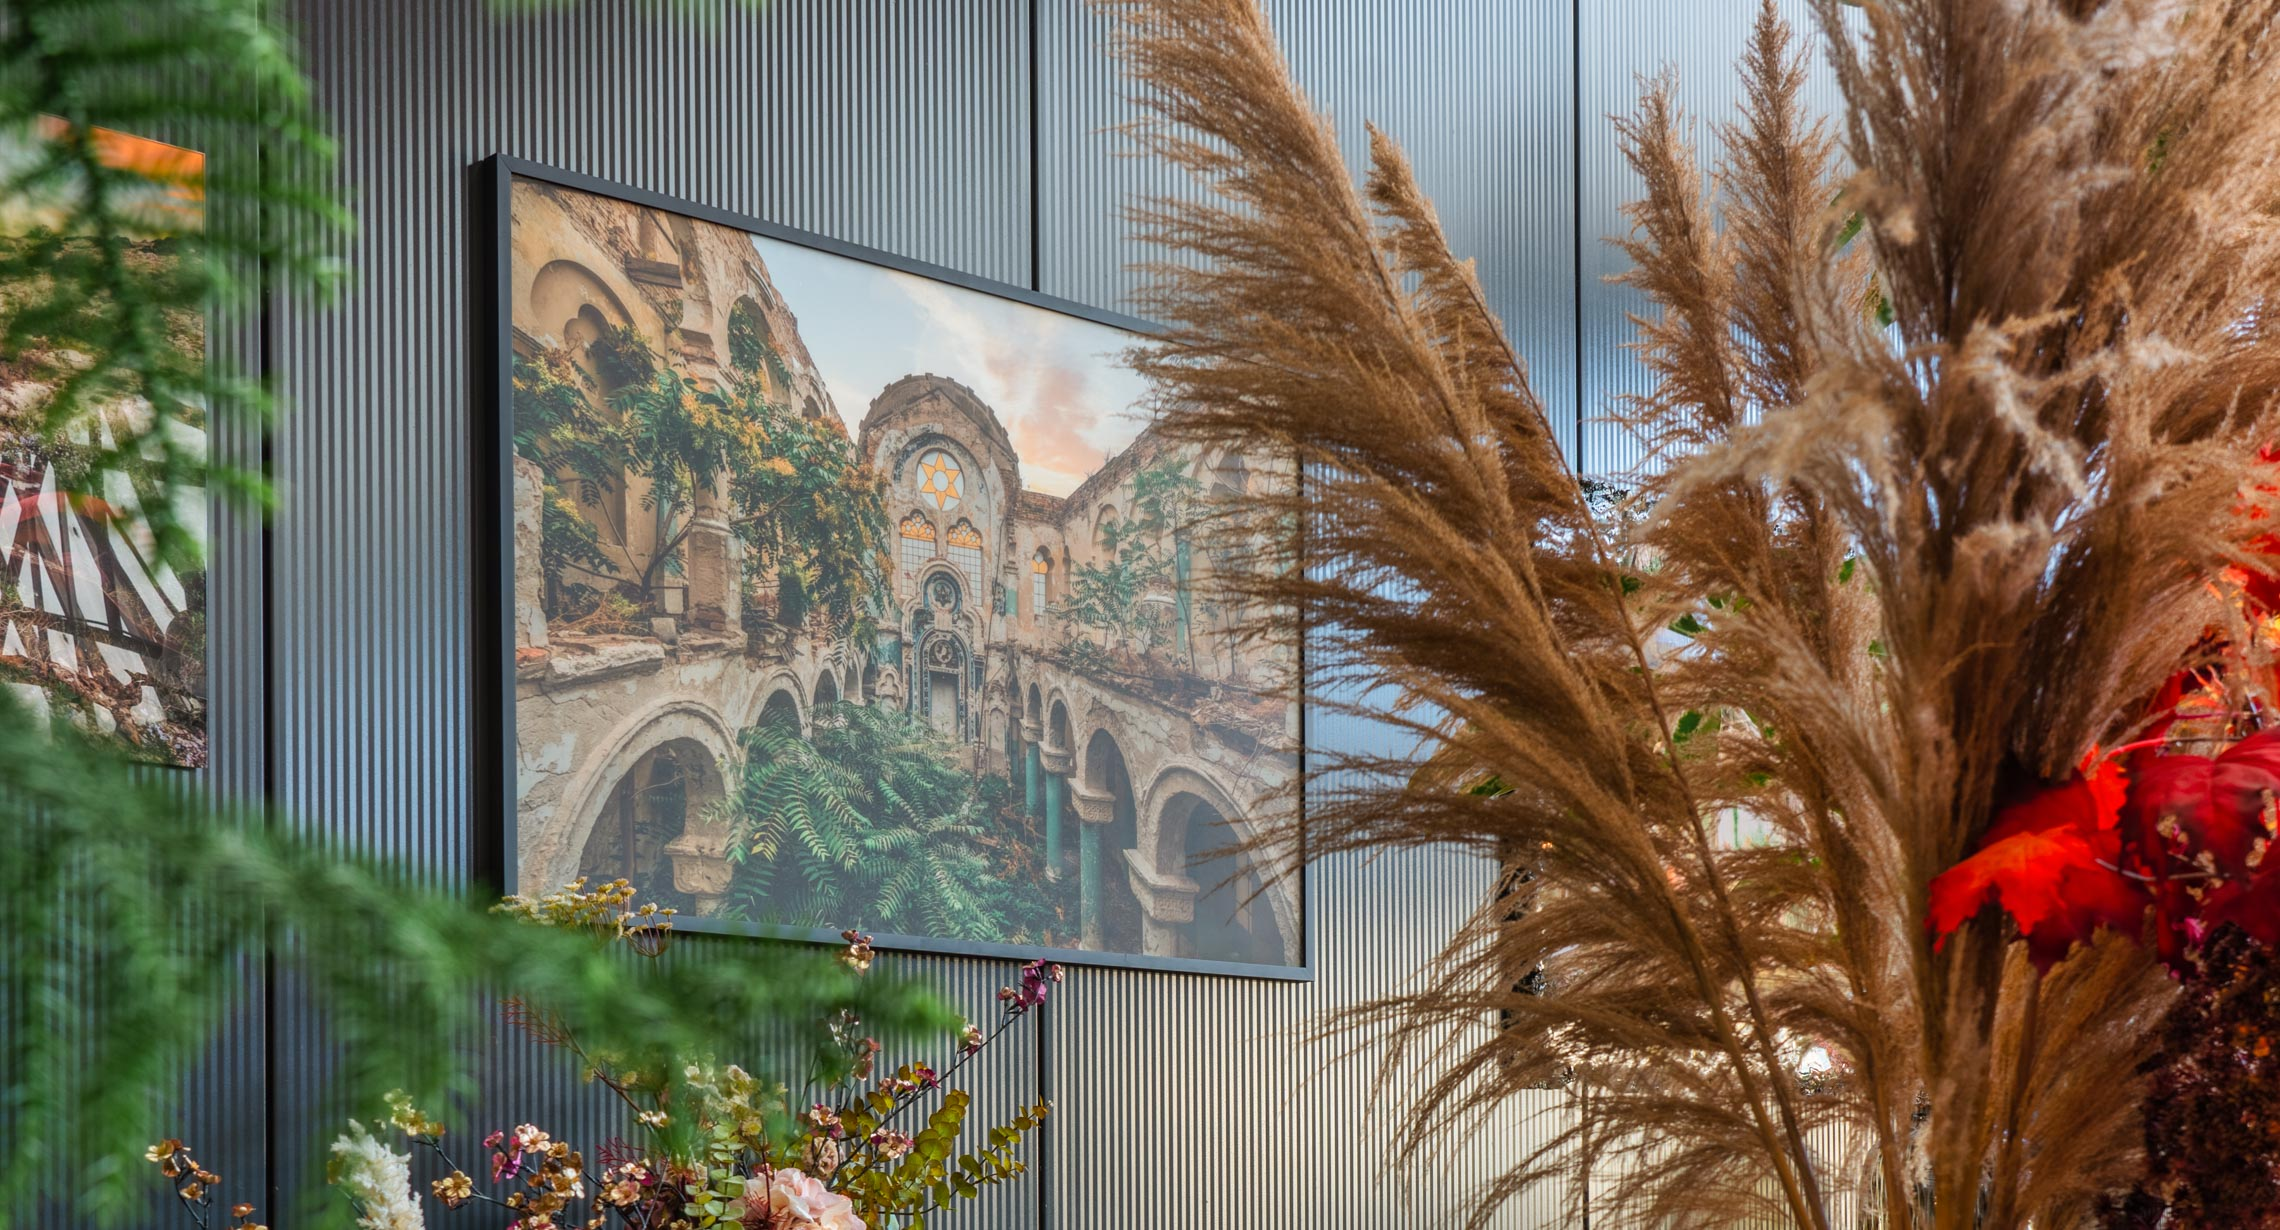 Postelmans bloemisten - Schilderij kopen, tilburg centrum, nederland di456